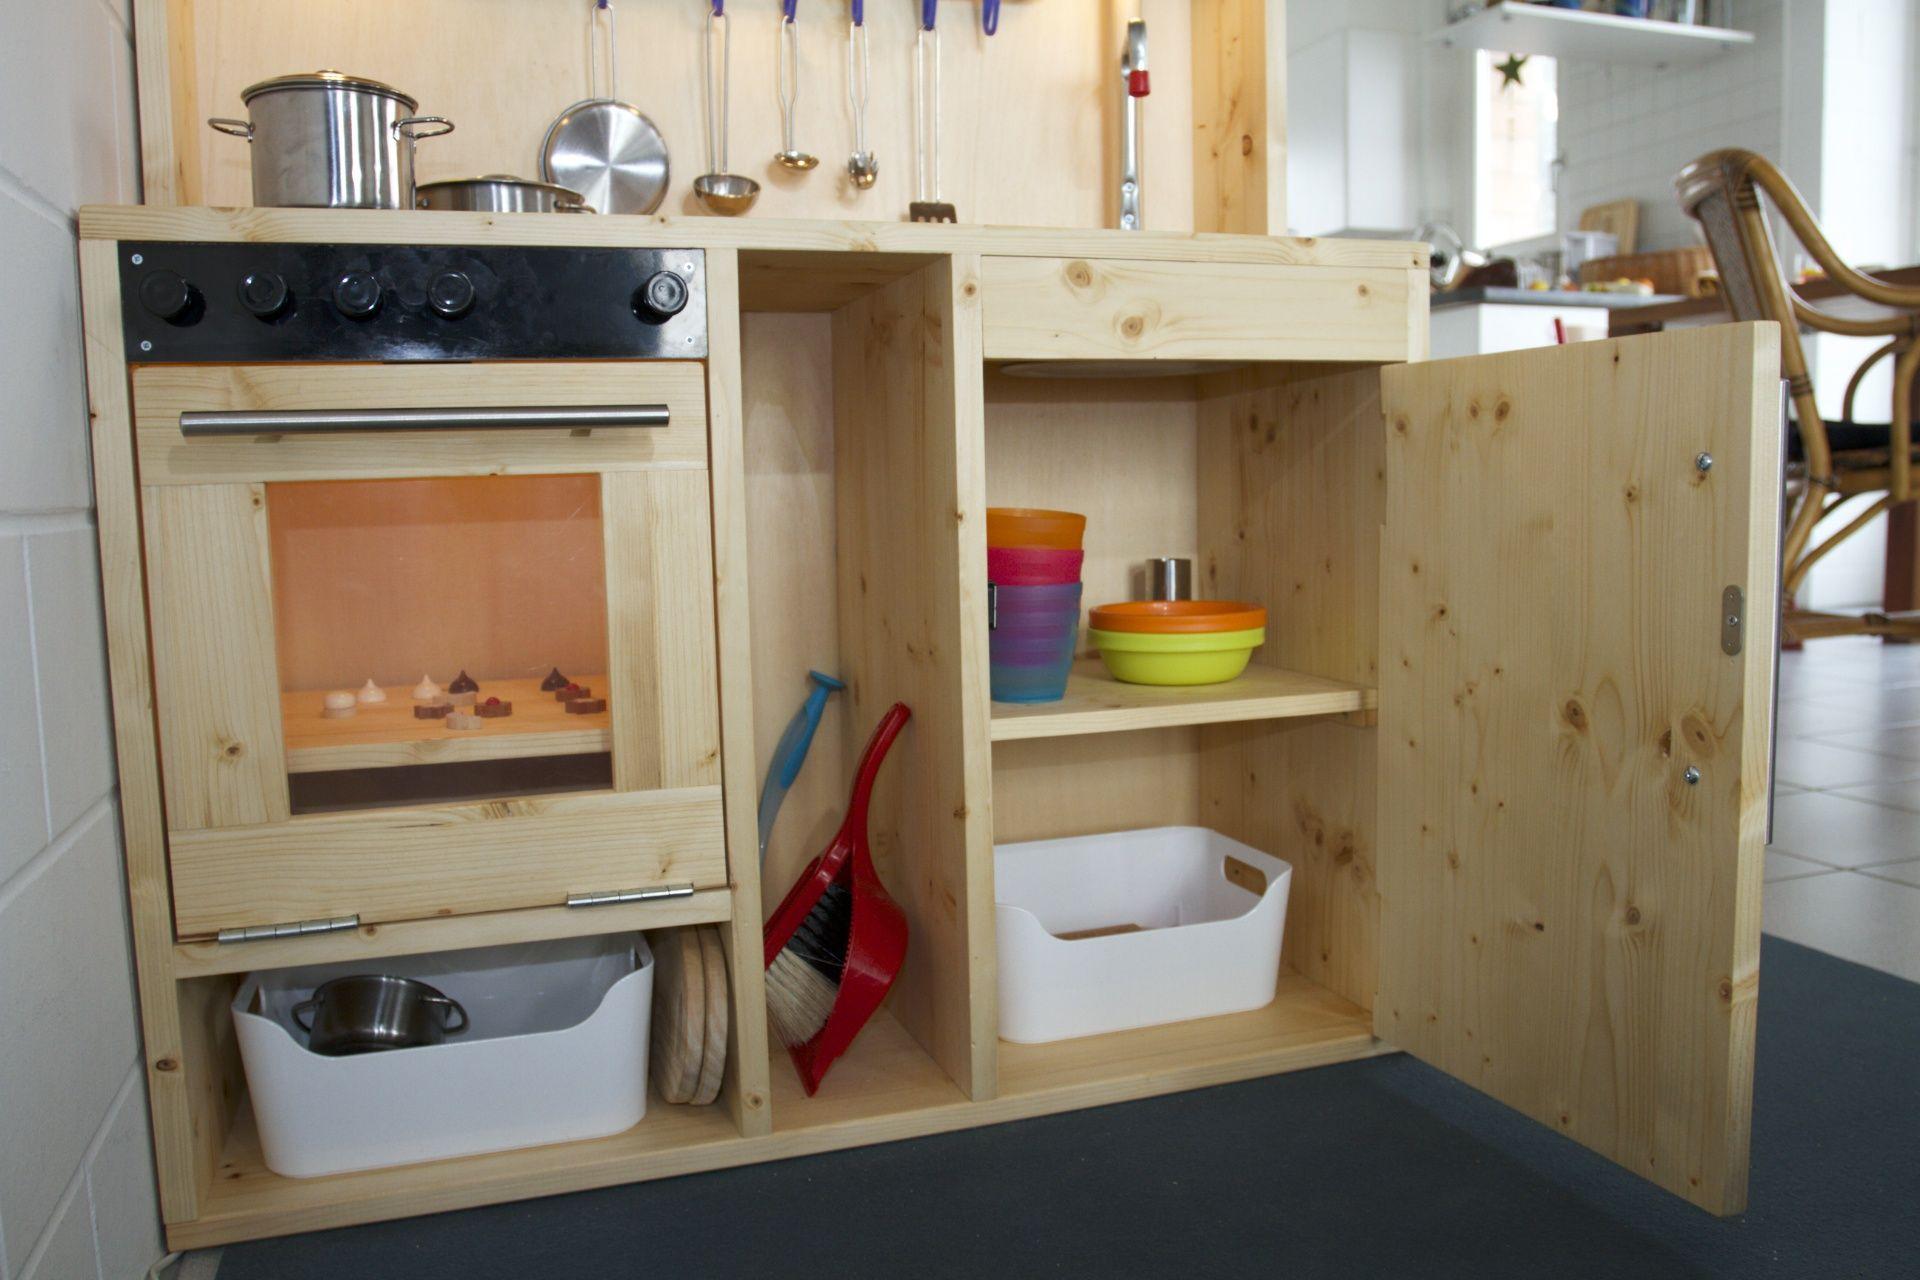 Das Innenleben: Der Spülenunterschrank wird wahlweise auch als Spülmaschine benutzt: Einfach alles Geschirr hineinstopfen, Türe zu und einen imaginären Startknopf drücken. Die VARIERA Box (http://www.ikea.com/ch/de/catalog/products/30155019/) ist recht praktisch zum Aufbewahren von Geschirr und Besteck.